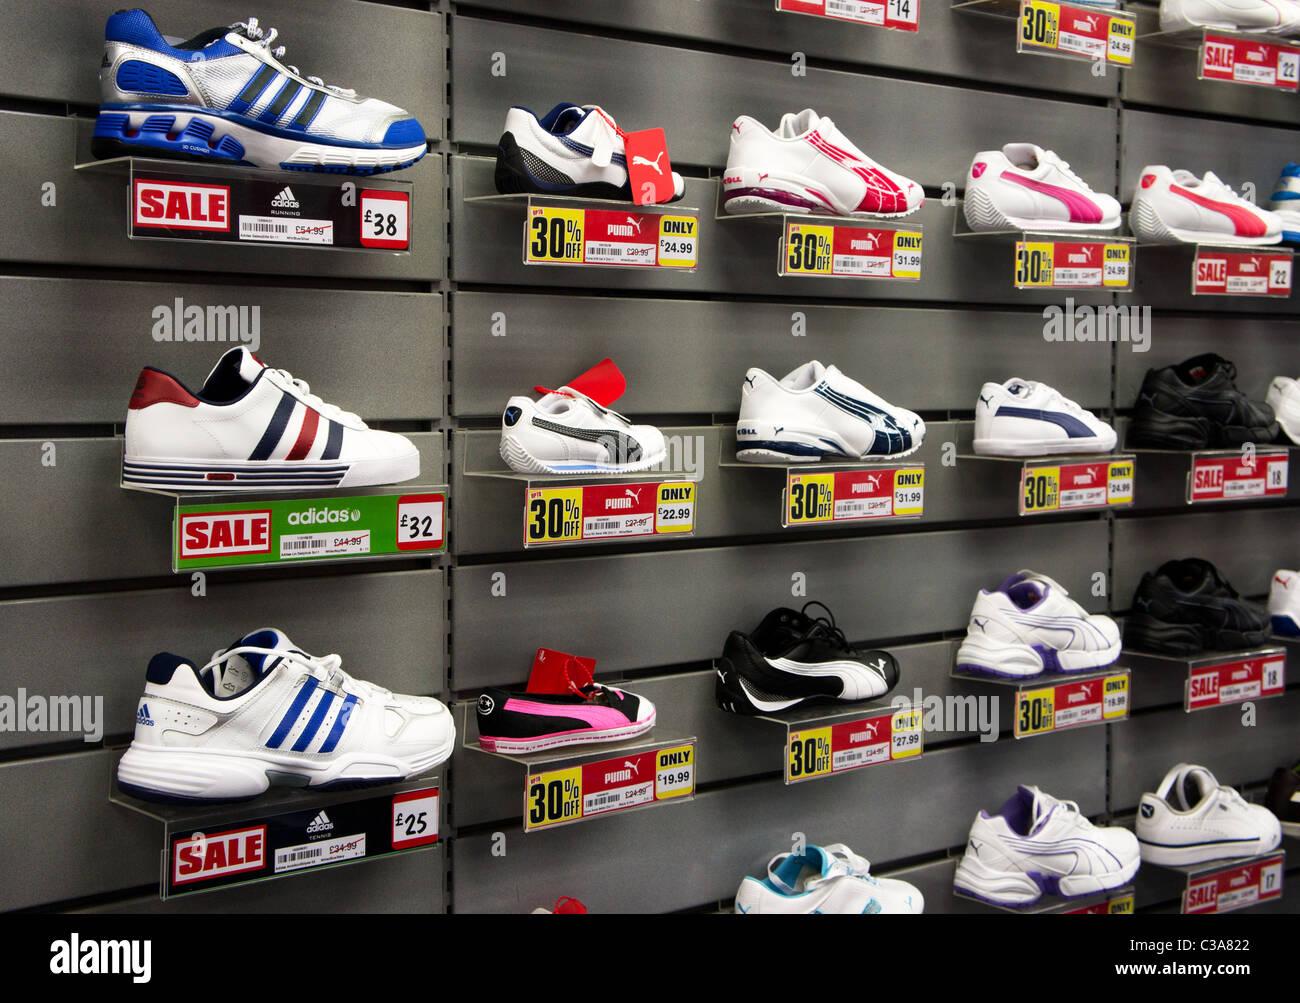 Shoe Sale Shoes On Sale Stockfotos und bilder Kaufen Alamy